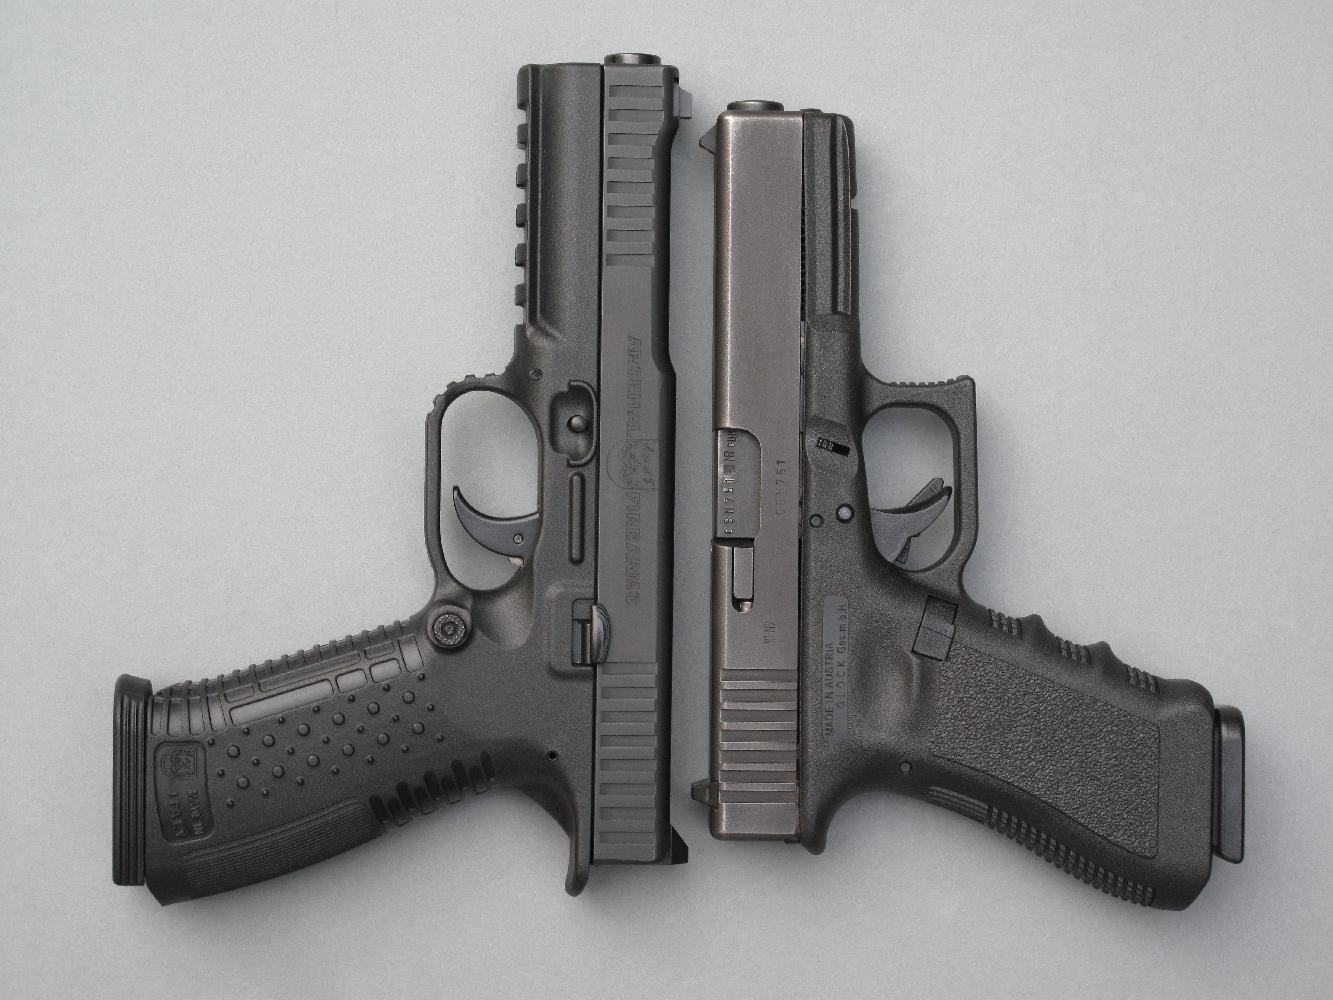 Dans sa version standard (une version « Combat », plus compacte, doit venir enrichir la gamme), le Strike One est doté d'un canon de 5 pouces, plus long que celui du Glock 17.